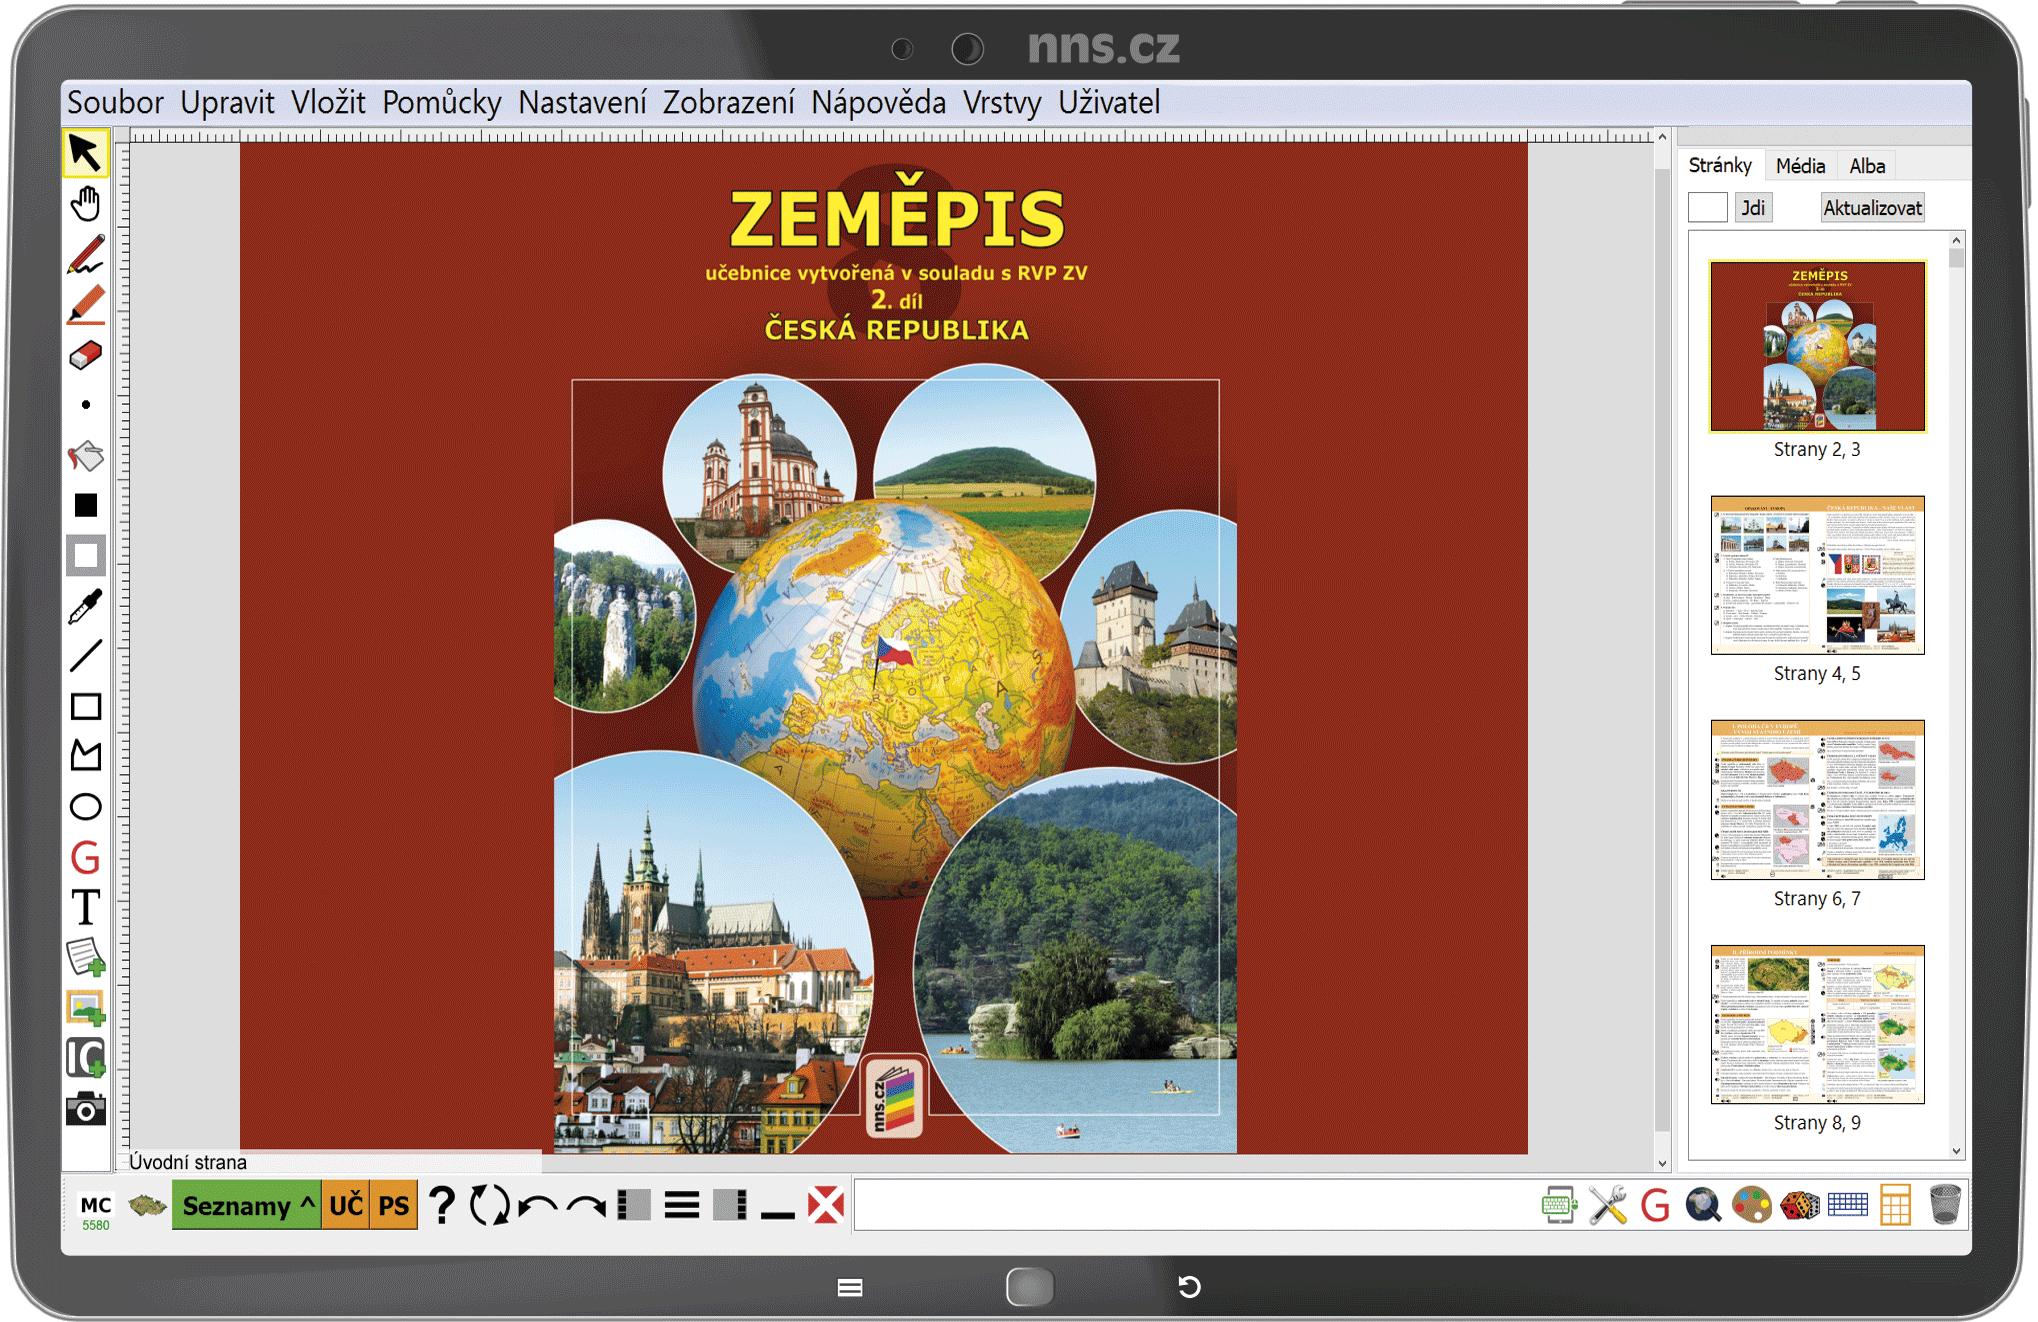 MIUč+ Zeměpis 8, 2. díl - Česká republika – školní licence pro 1 učitele na 1 školní rok